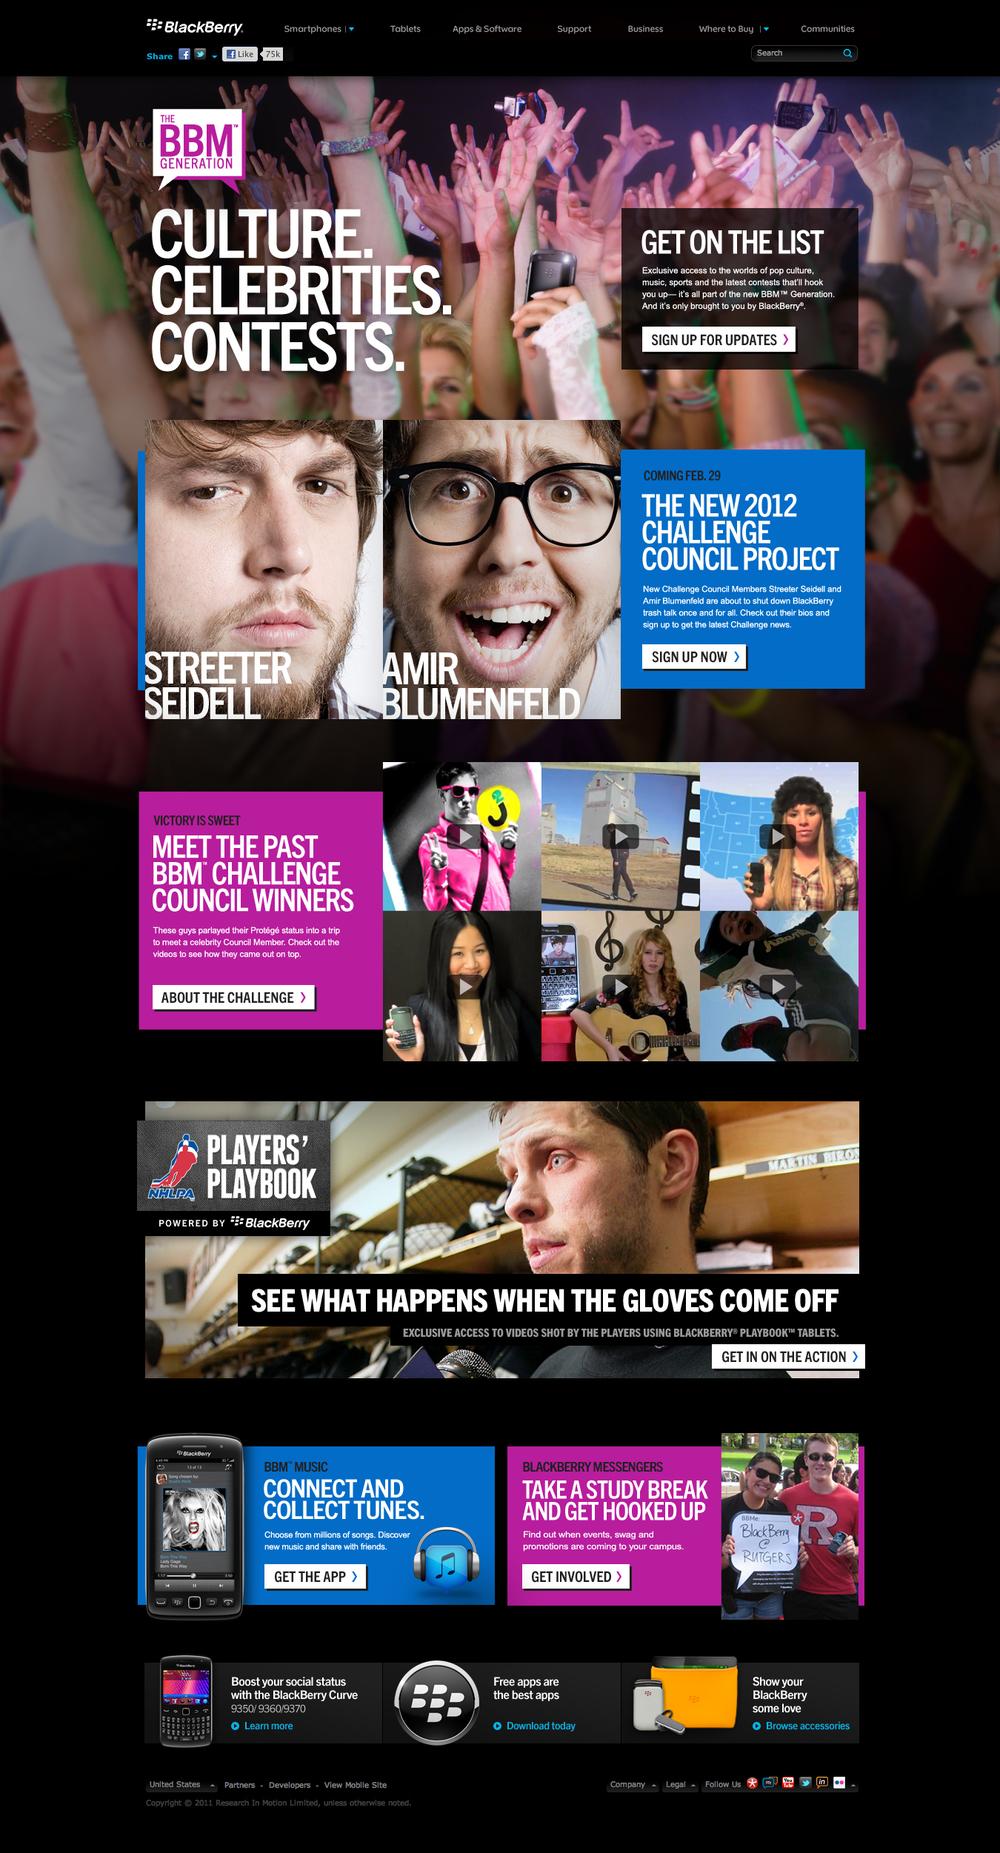 T1_BBMG_Campaign_Teaser.jpg